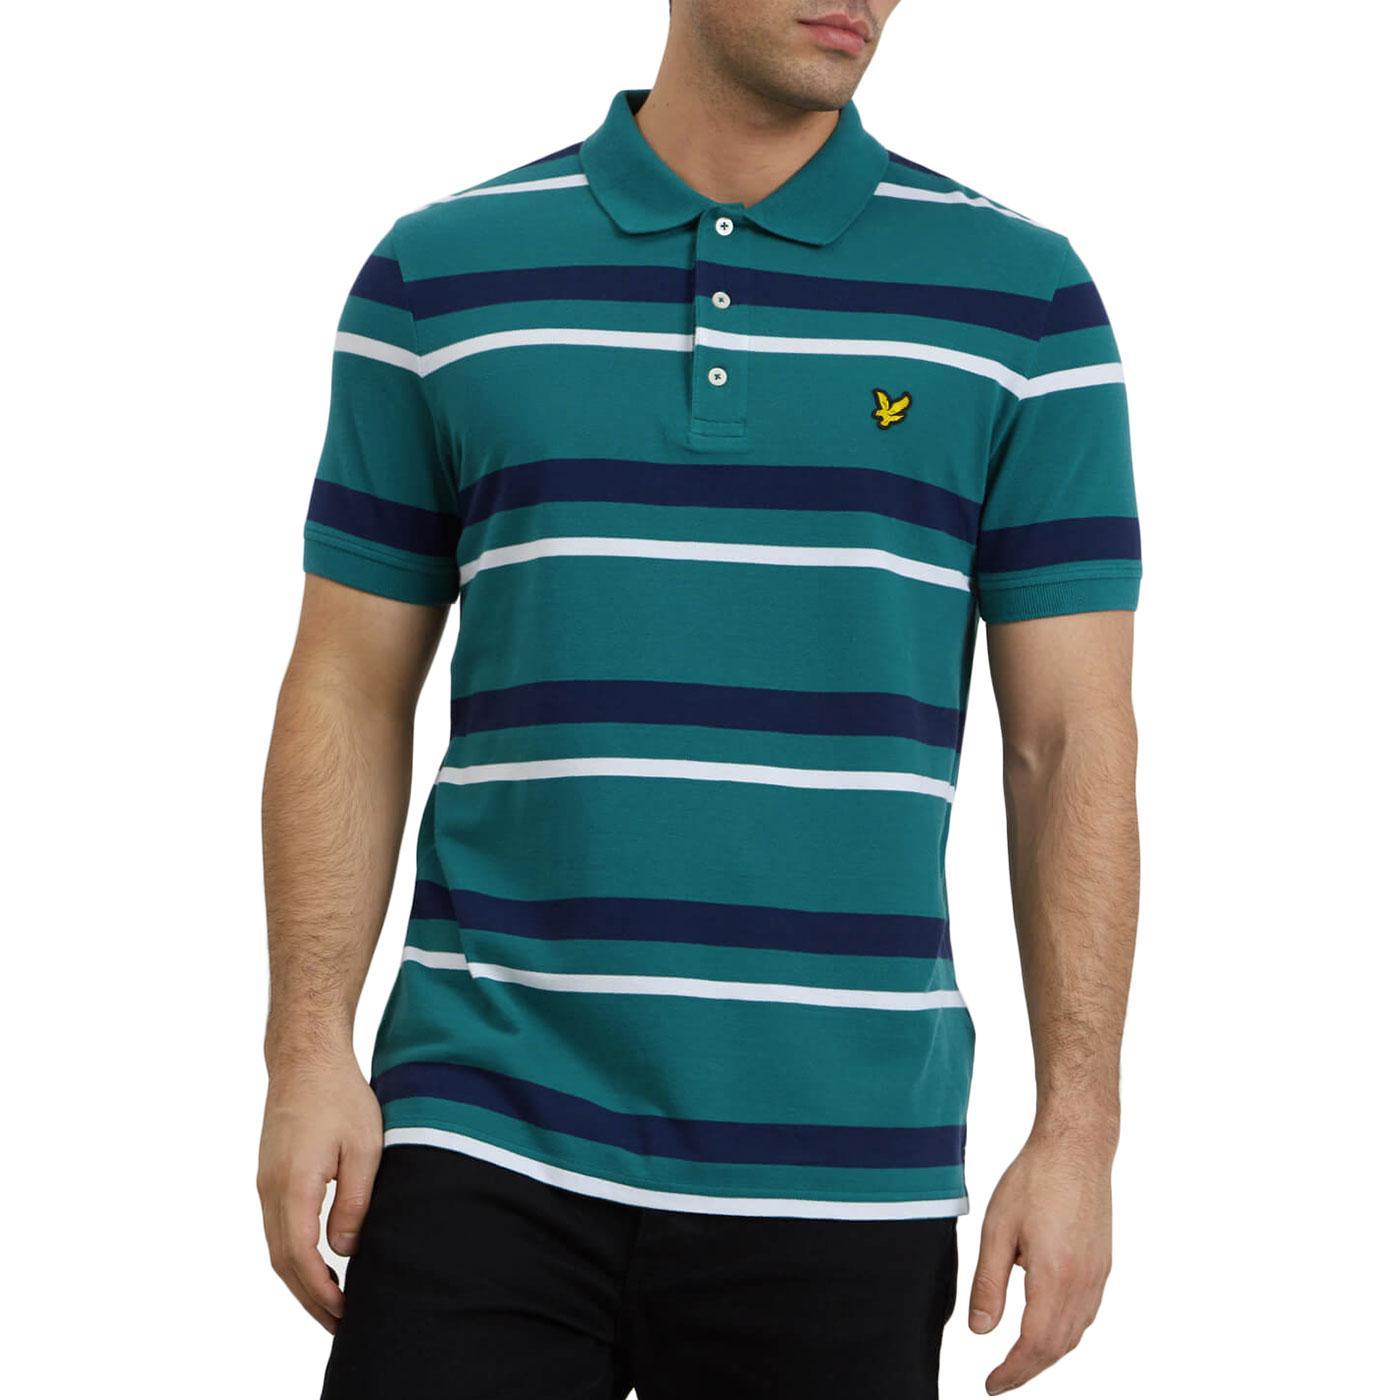 LYLE & SCOTT Retro Mod Stripe Pique Polo Shirt AG